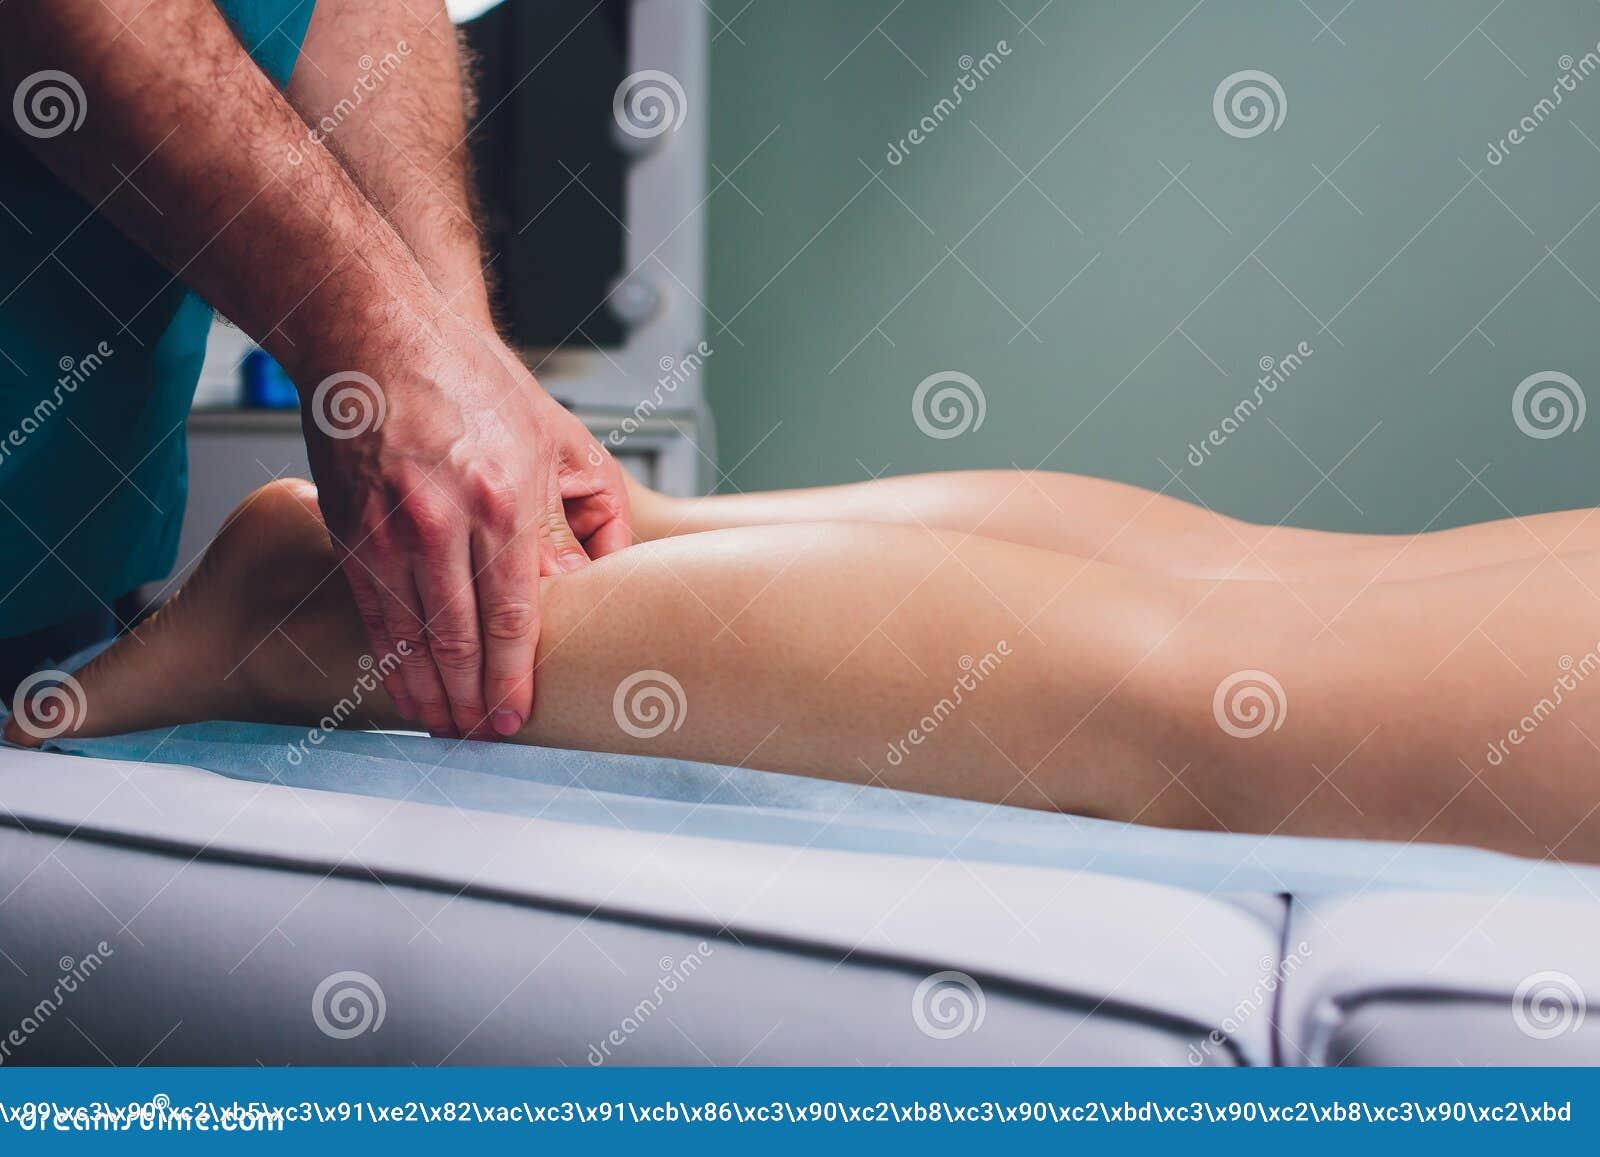 Anti-Cellulitemassage auf den Beinen von jungen Frauen